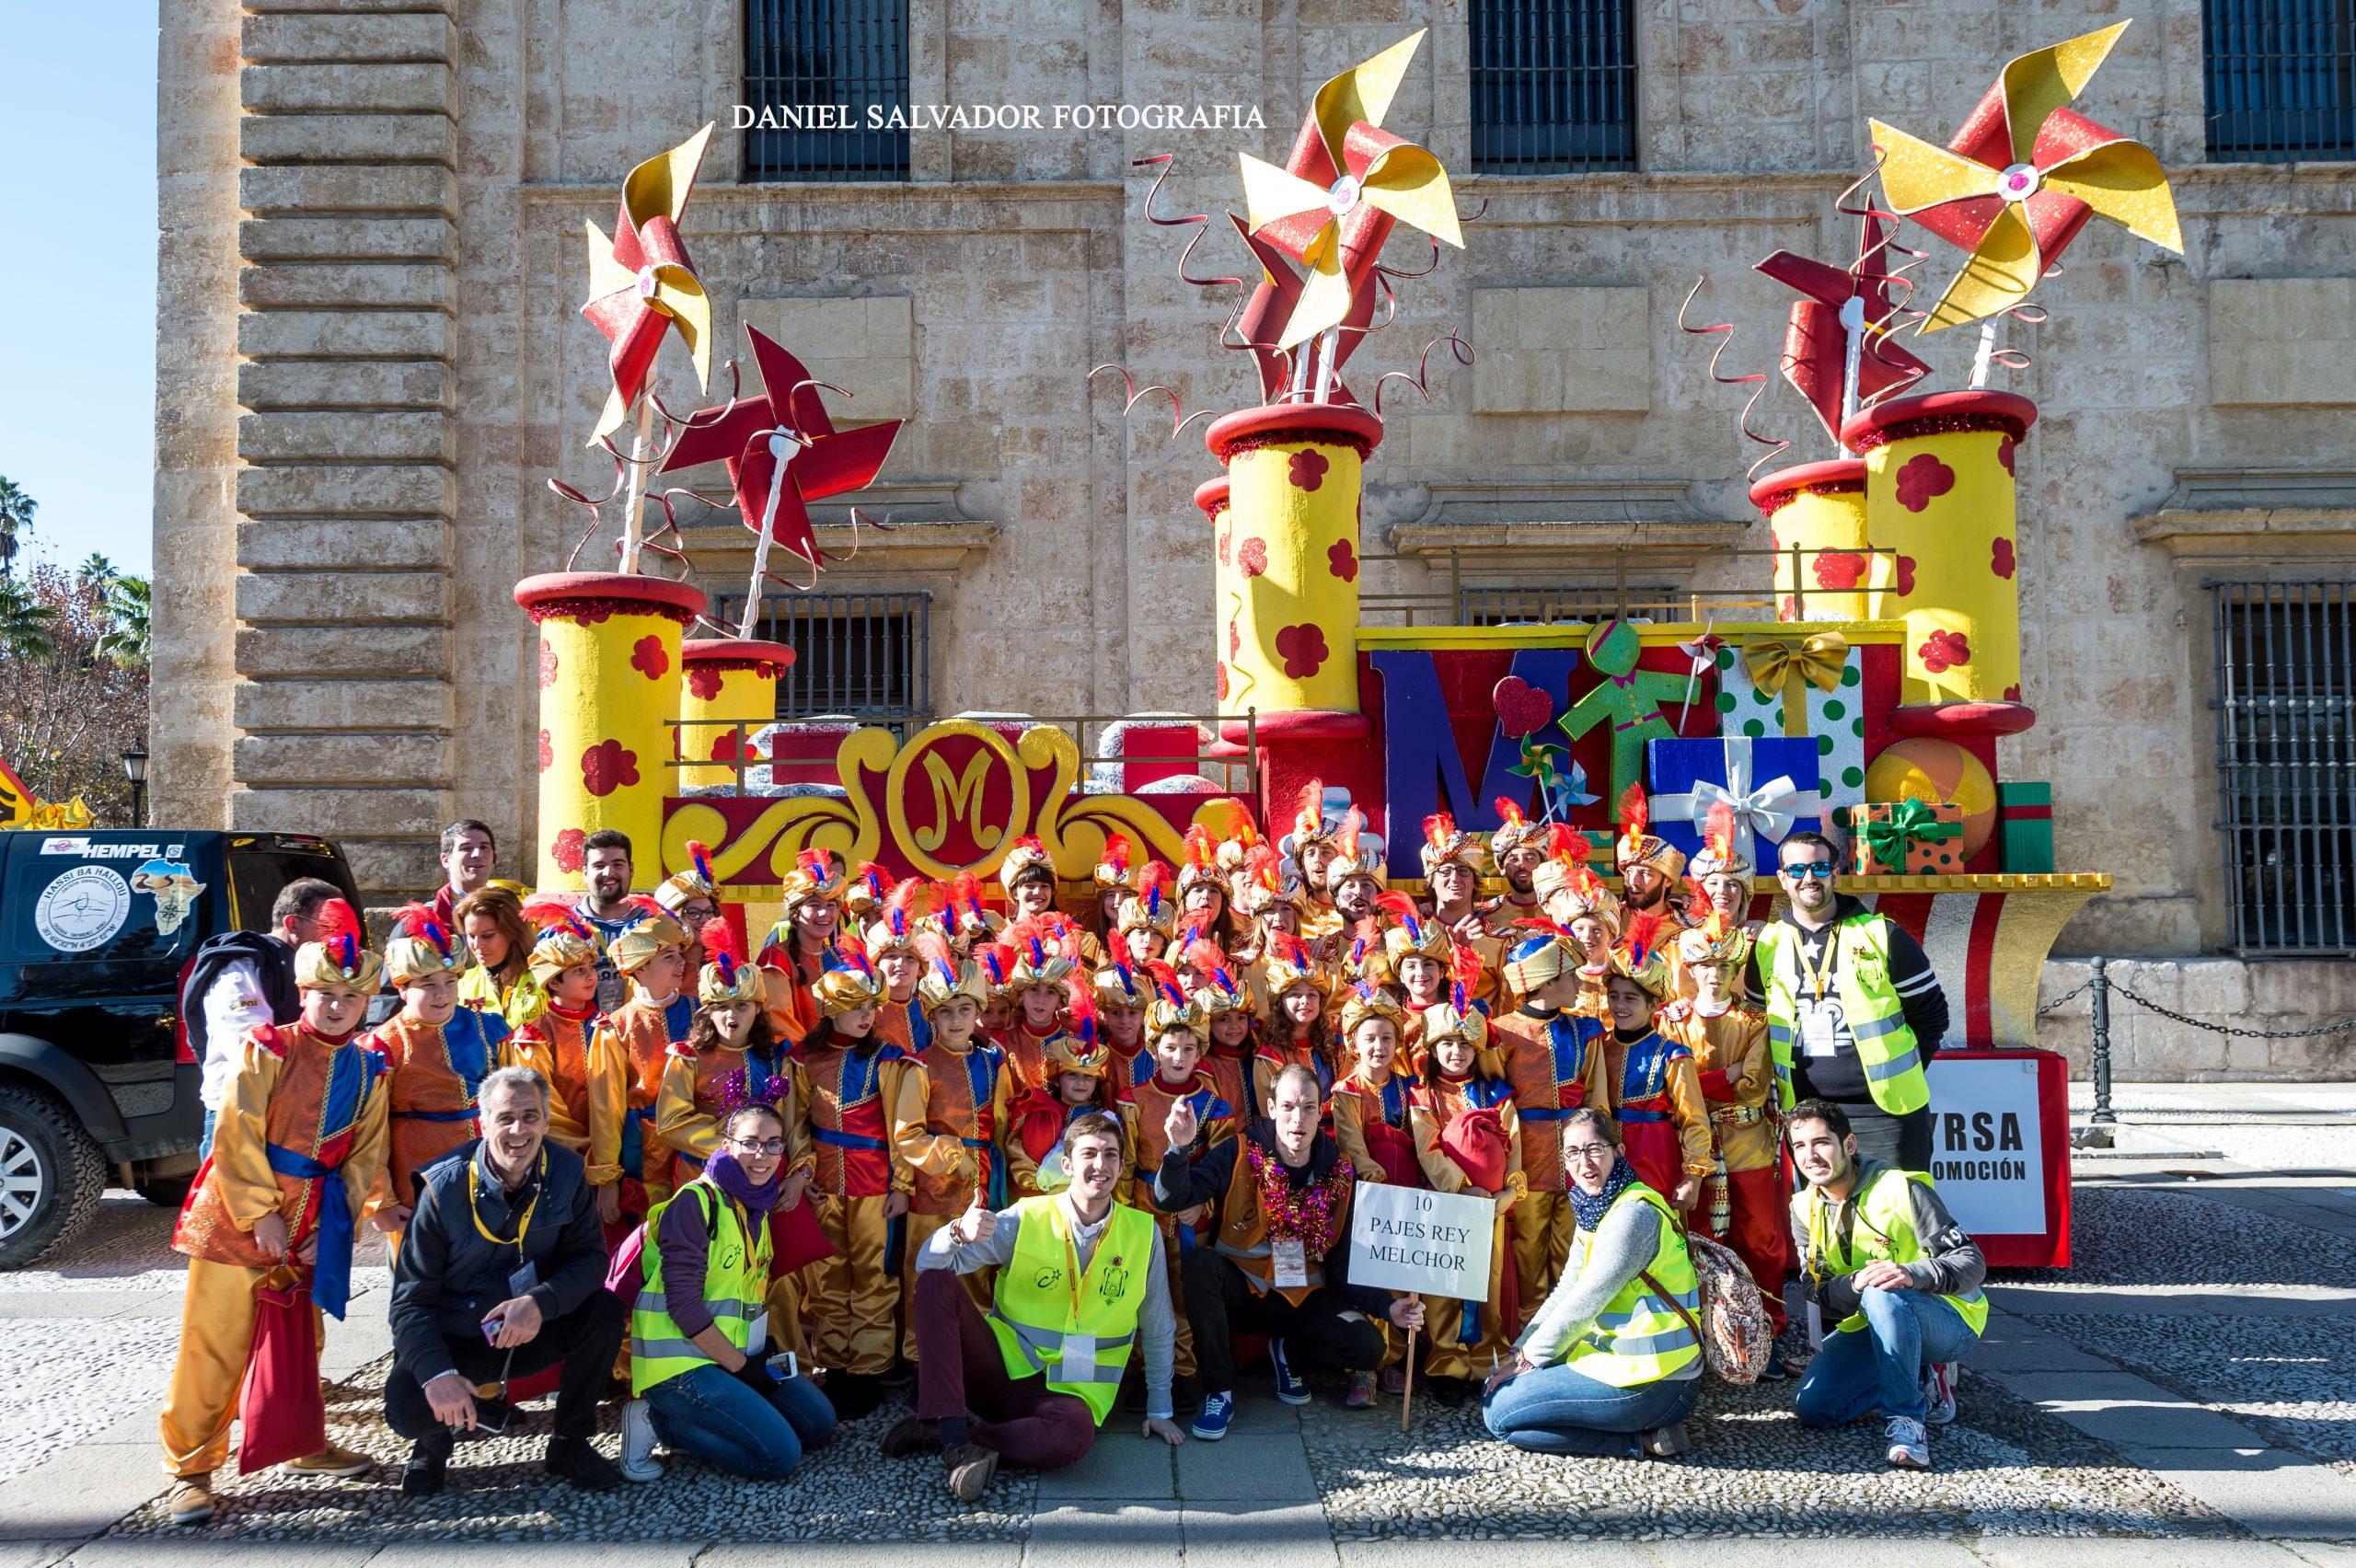 Cabalgata de Sevilla 2017 @Daniel Salvador Fotografía